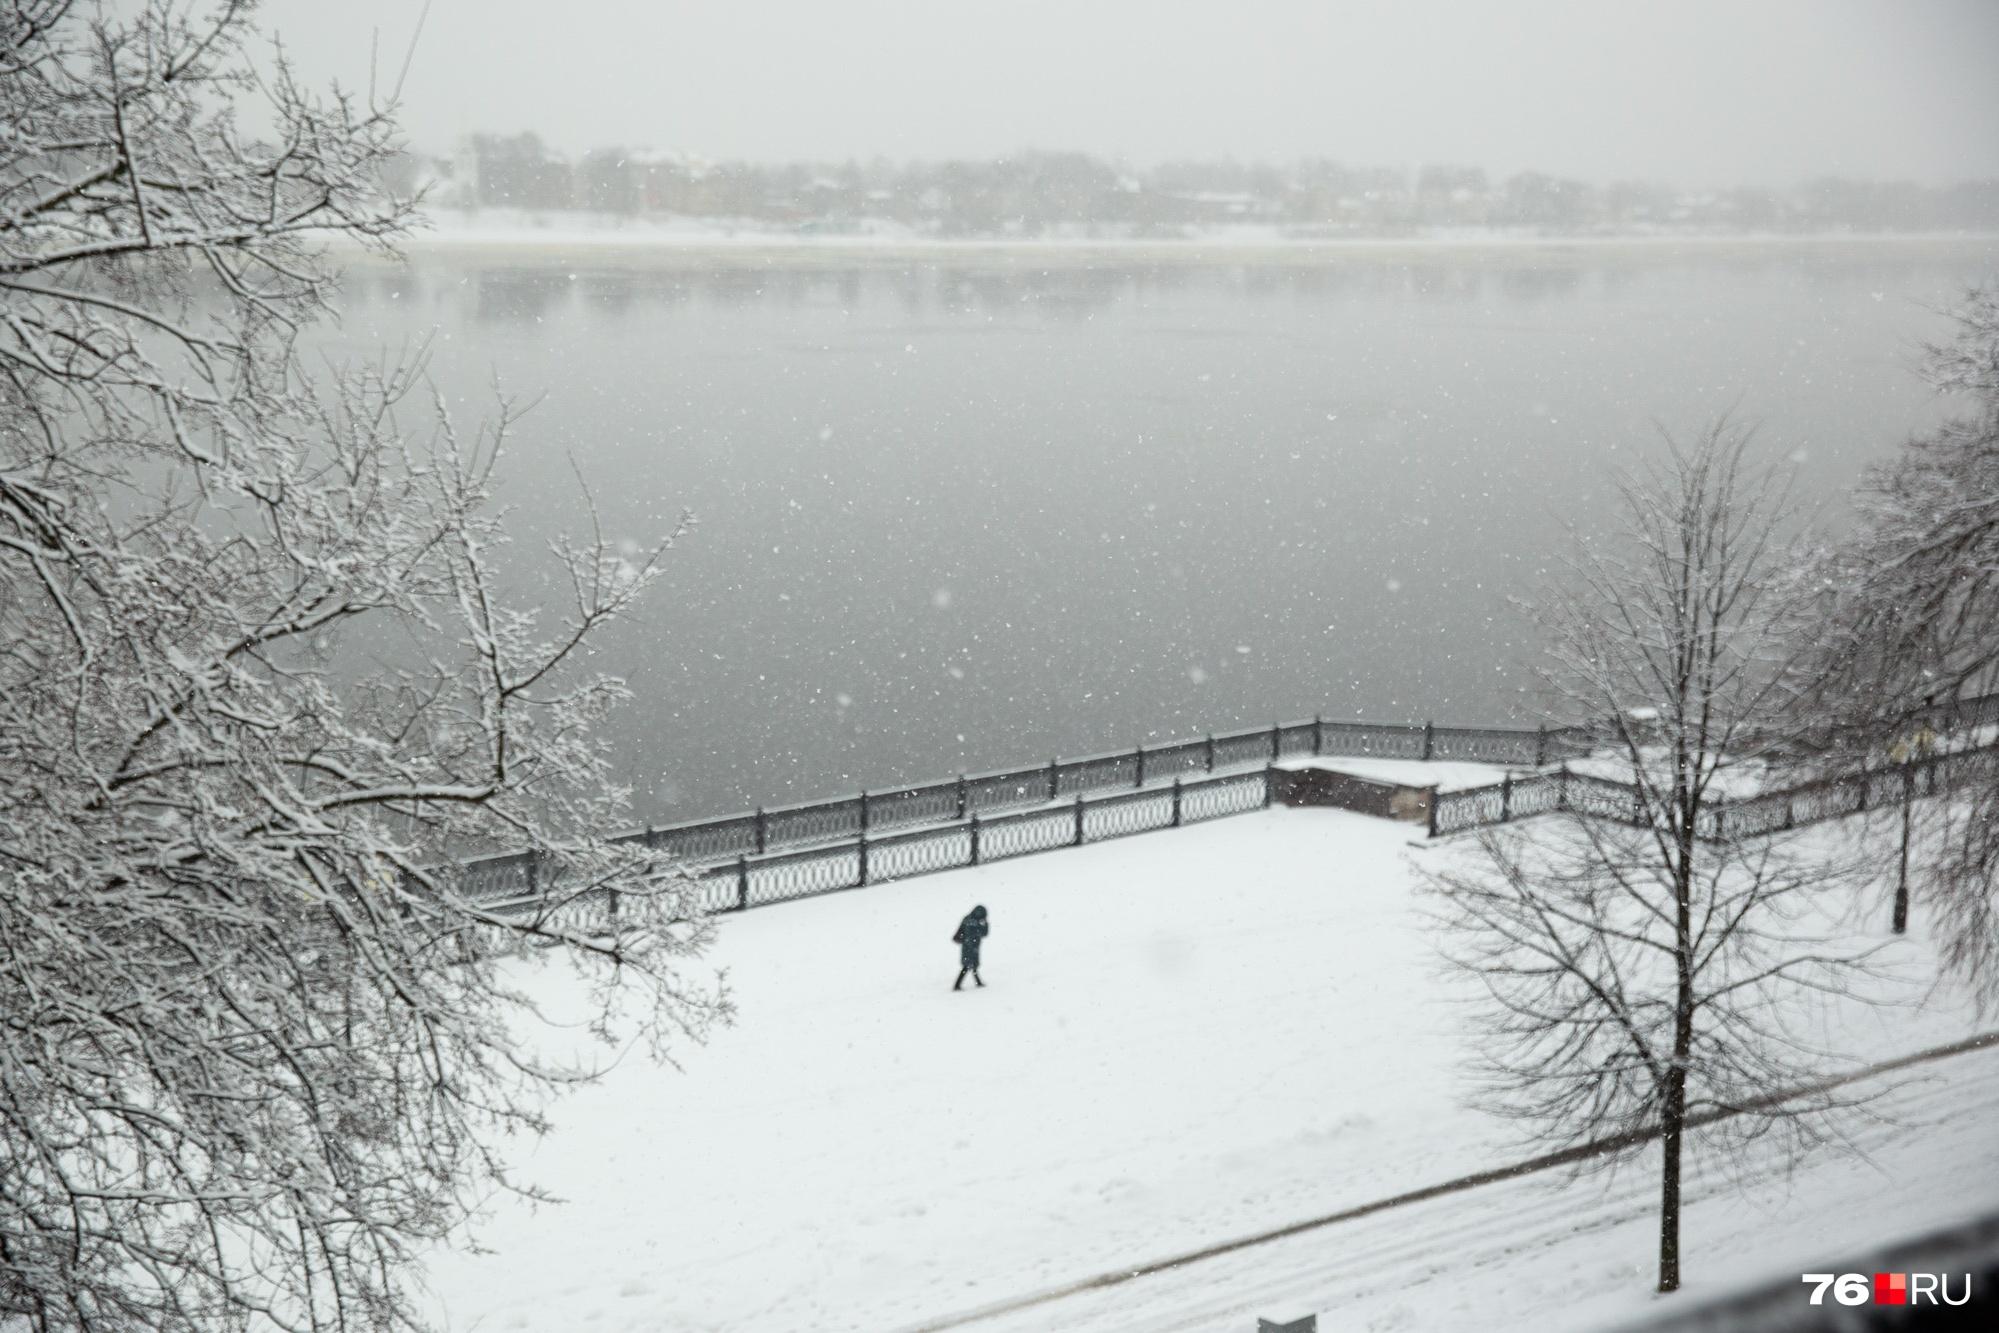 Погода в Ярославле будет меняться то в одну сторону, то в дру